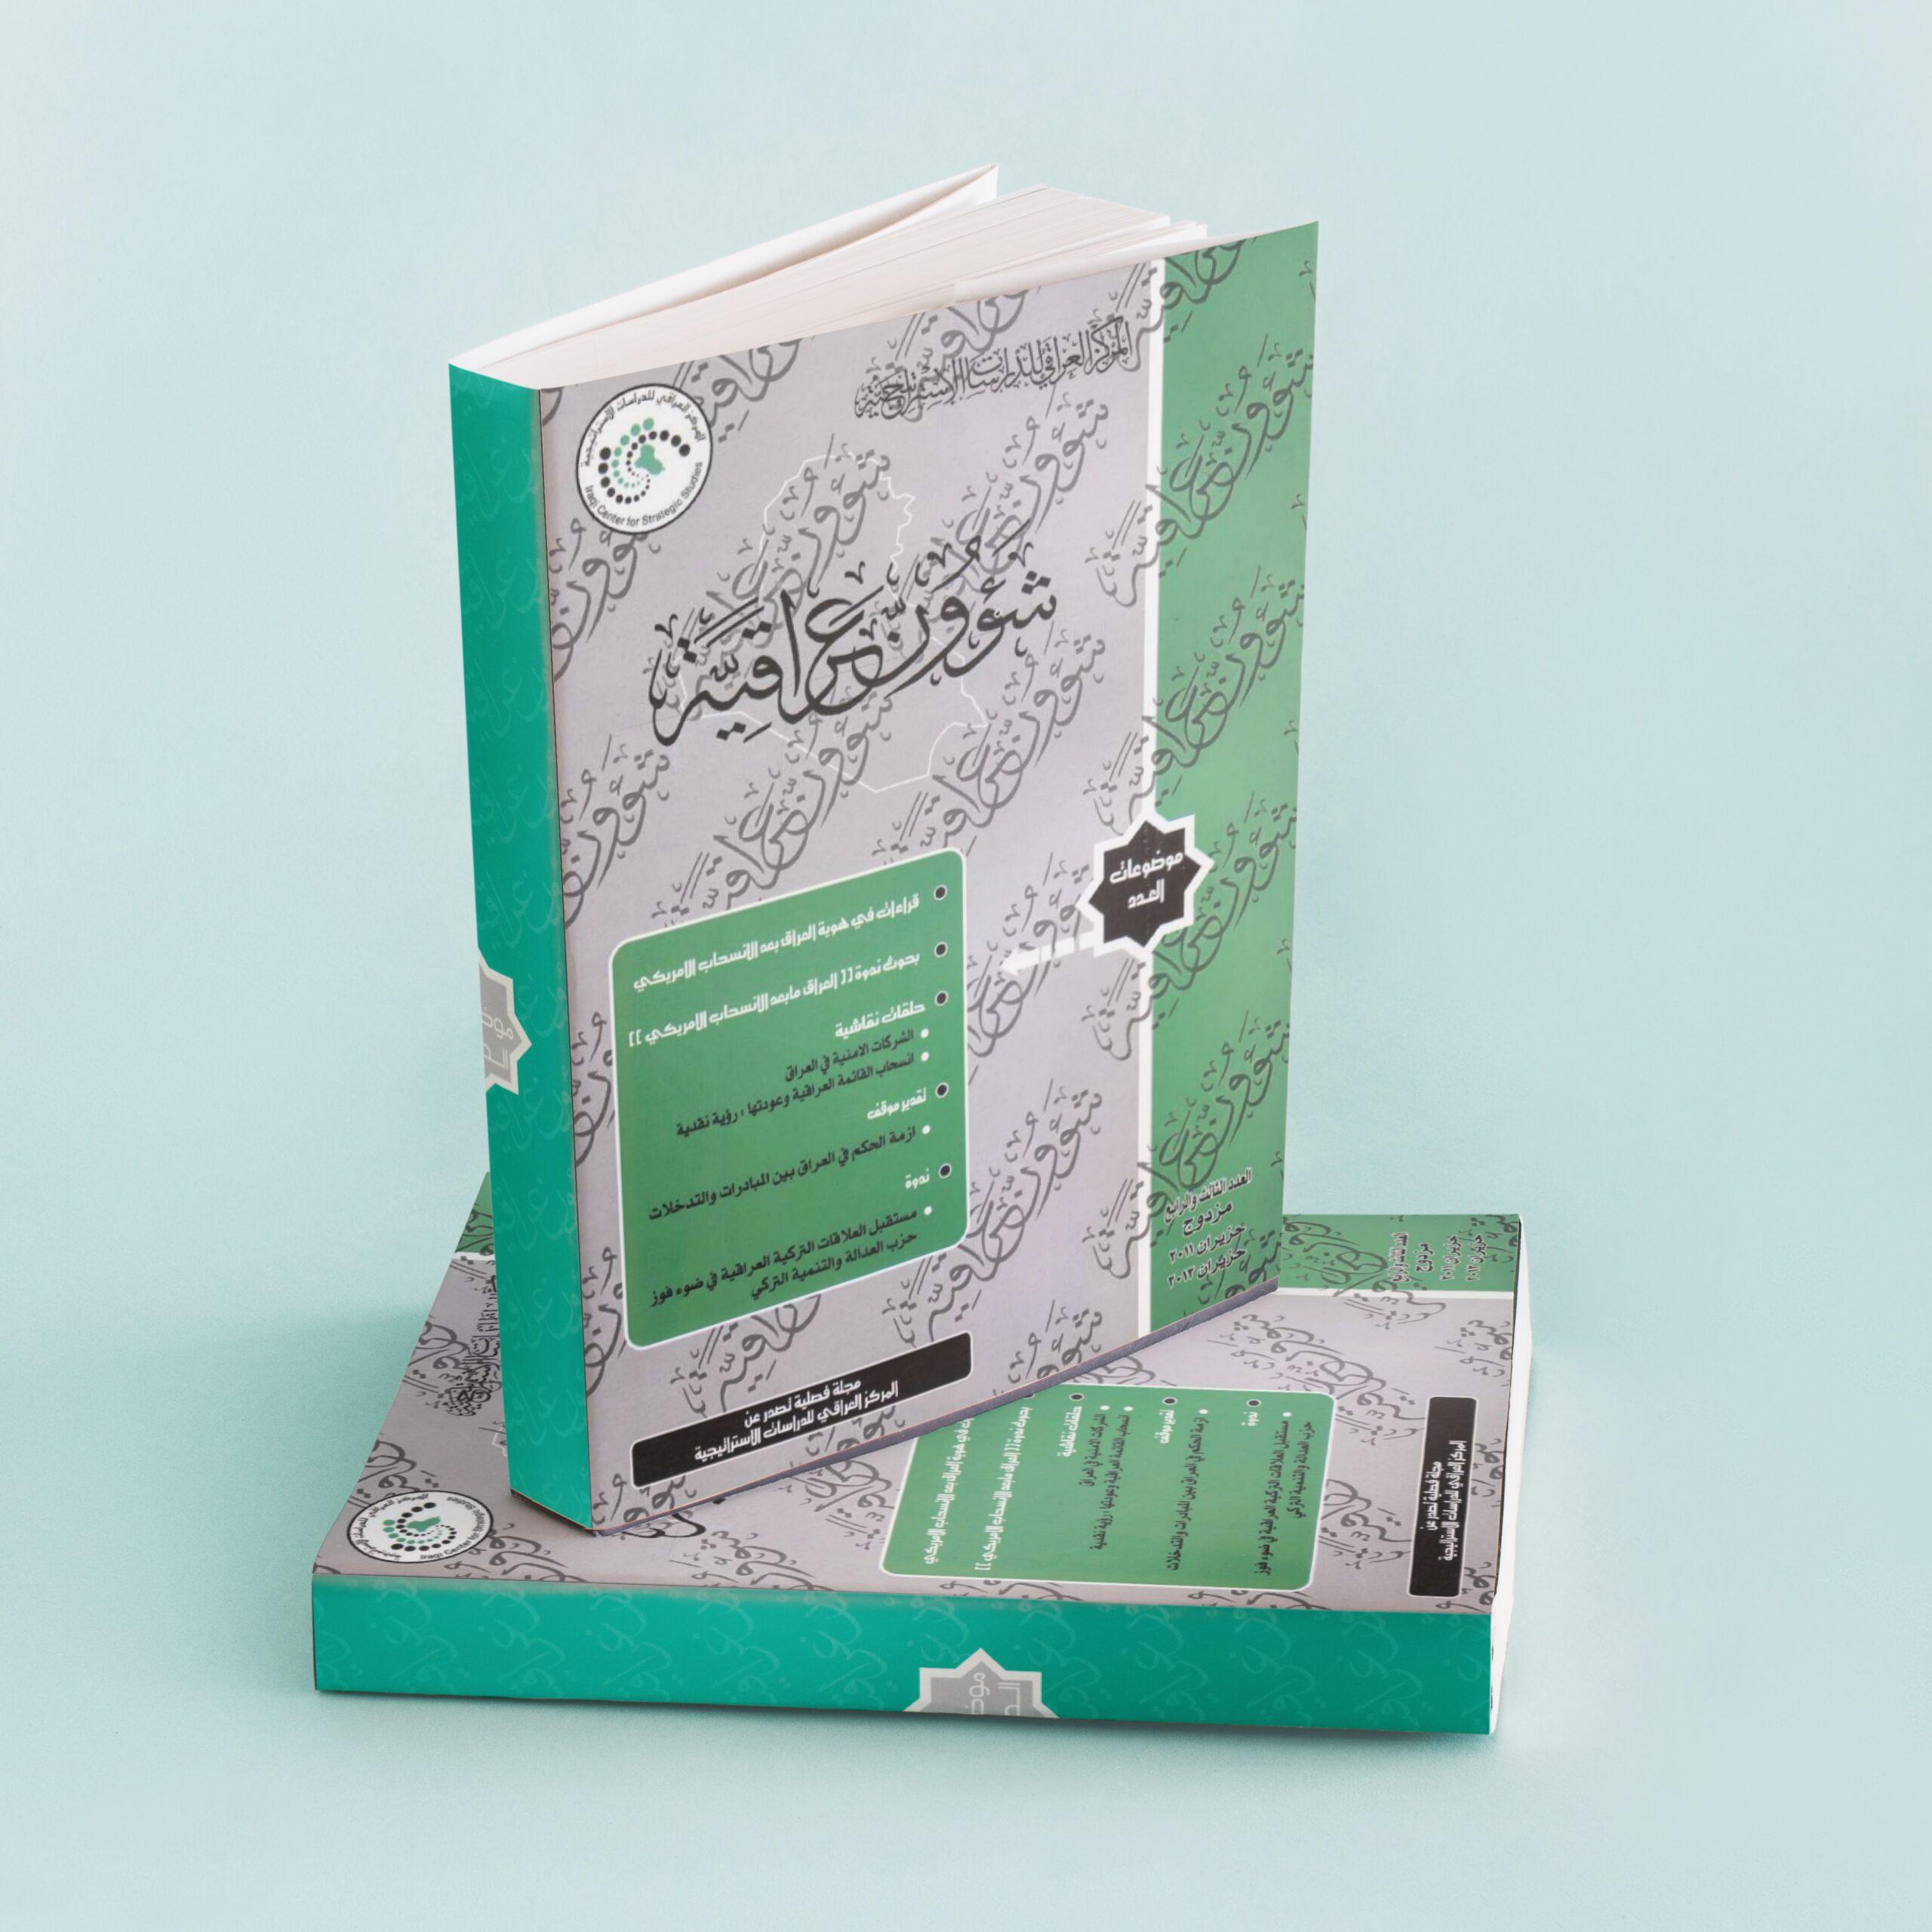 مجلة شؤون عراقية - العدد الثالث والرابع - قراءات في هوية العراق